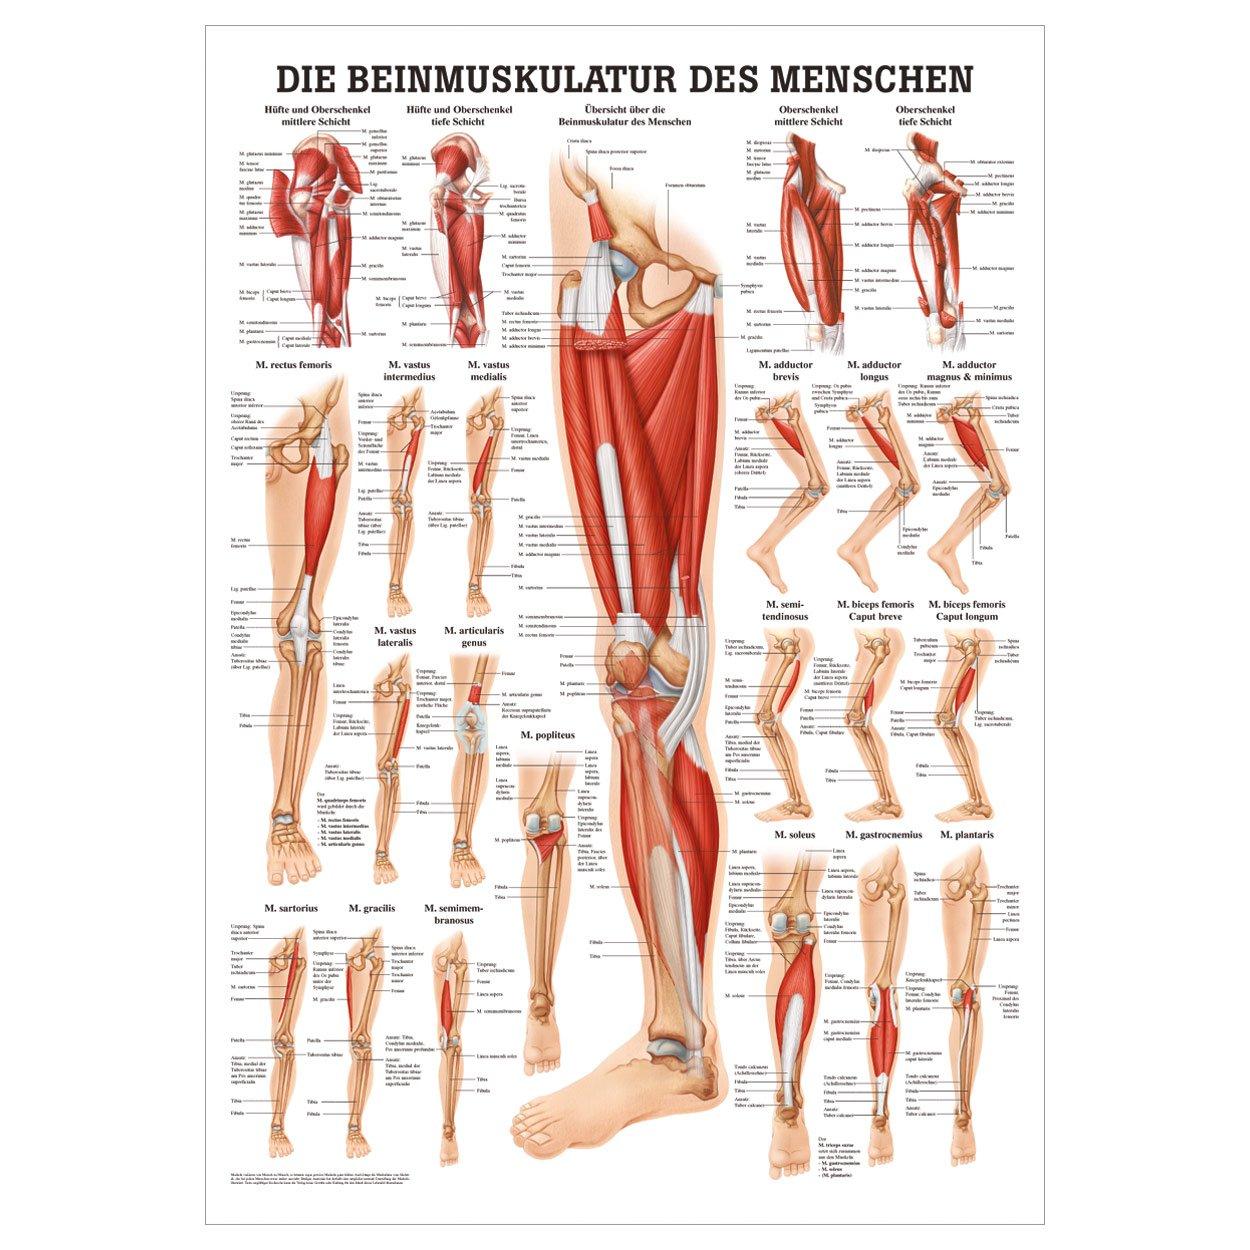 Fantastisch Anatomie Der Beinmuskulatur Galerie - Menschliche ...